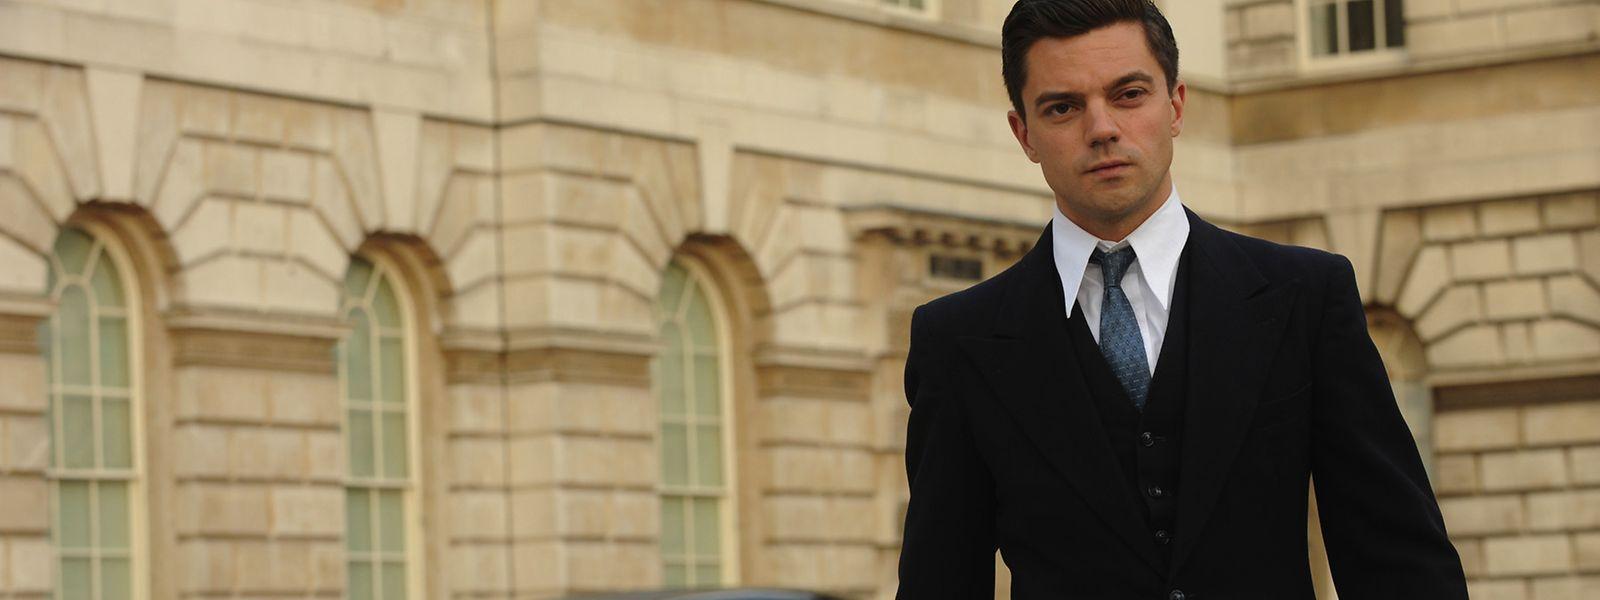 Le charme de l'espion James Bond fait écho aux amours passionnées de son auteur, Ian Fleming.